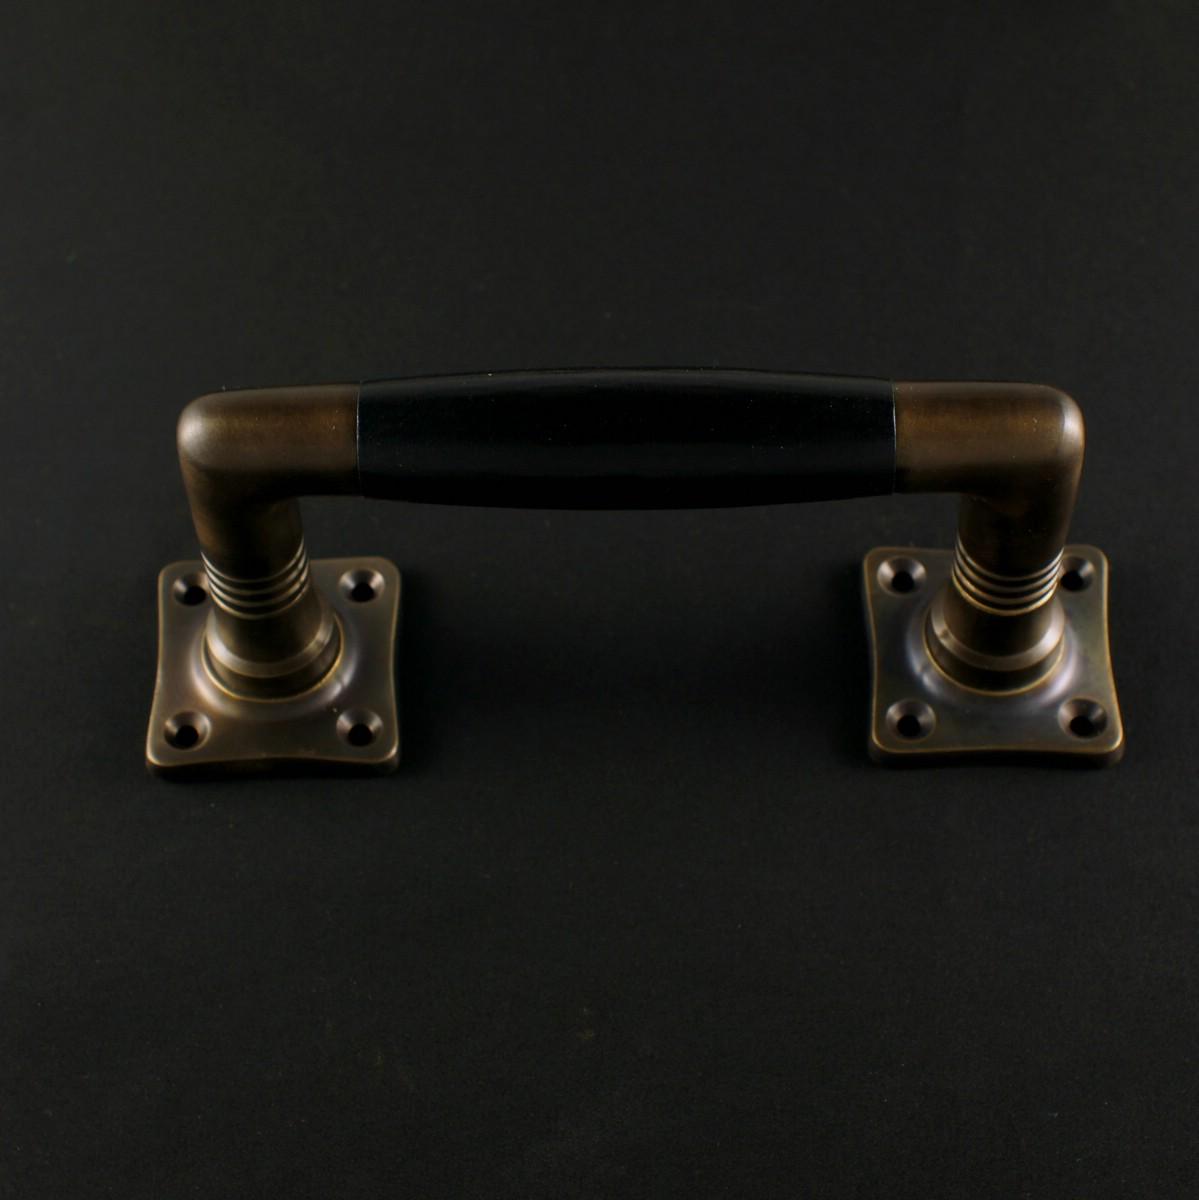 324.0003.45 Ziehgriff - antiker Türgriff, Balkongriff, Terrassentürgriff, Schiebetürgriff